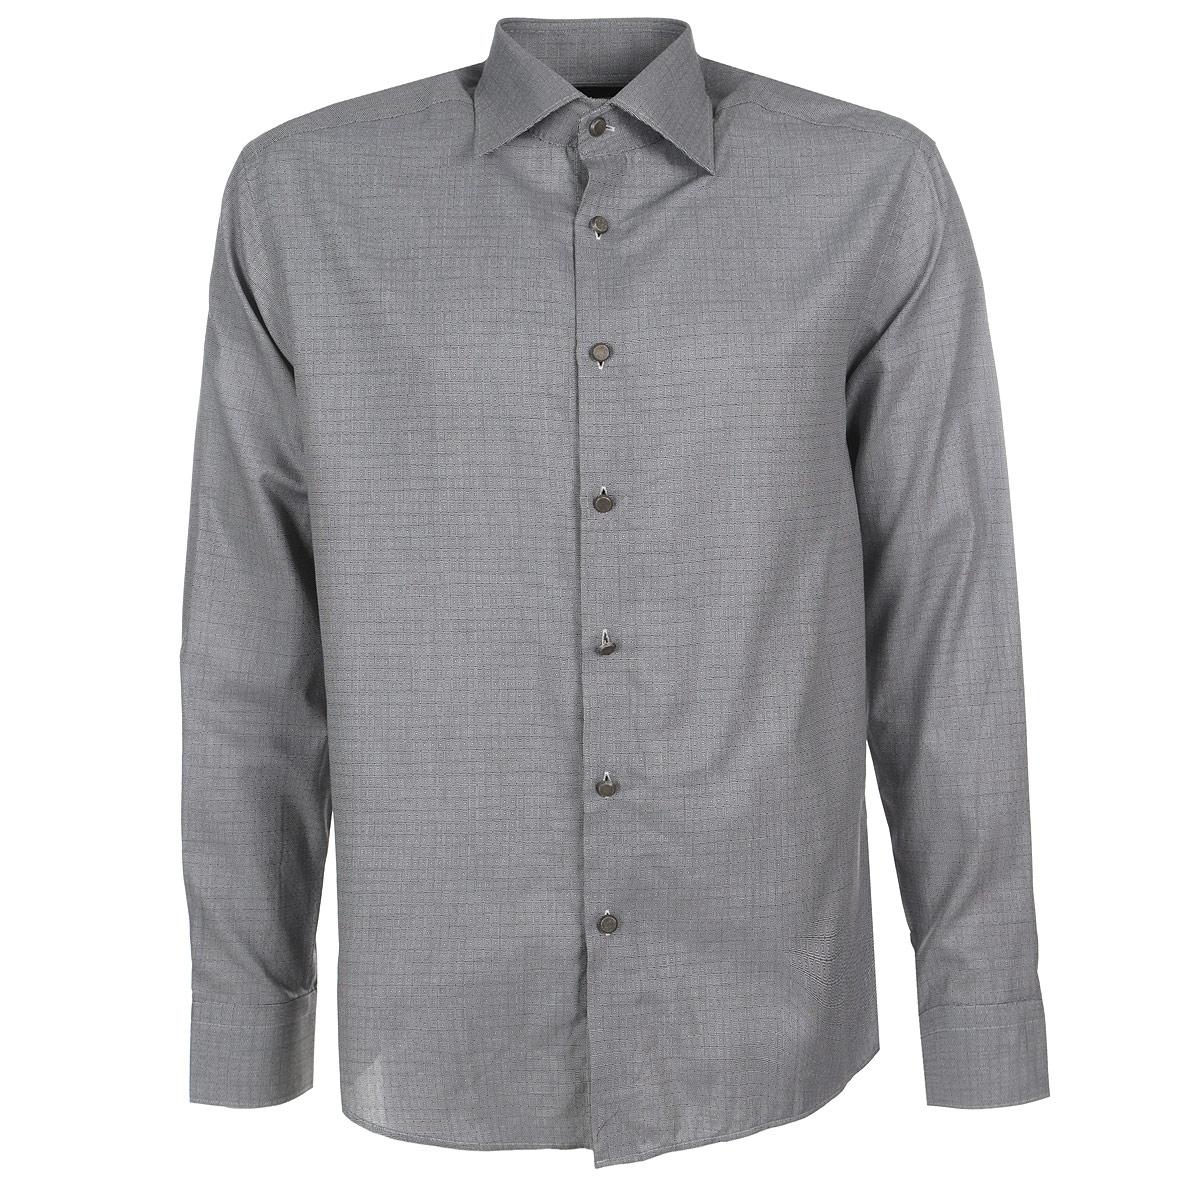 Рубашка мужская. 580004580004Мужская рубашка Mondigo, выполненная из высококачественного хлопка, обладает высокой теплопроводностью, воздухопроницаемостью и гигроскопичностью, позволяет коже дышать, тем самым обеспечивая наибольший комфорт при носке. Рубашка прямого кроя с отложным воротником застегивается на пуговицы. Длинные рукава рубашки дополнены манжетами на пуговицах. Рубашка оформлена оригинальным геометрическим принтом с изображением мелких квадратов. Такая рубашка подчеркнет ваш вкус и поможет создать великолепный современный образ.